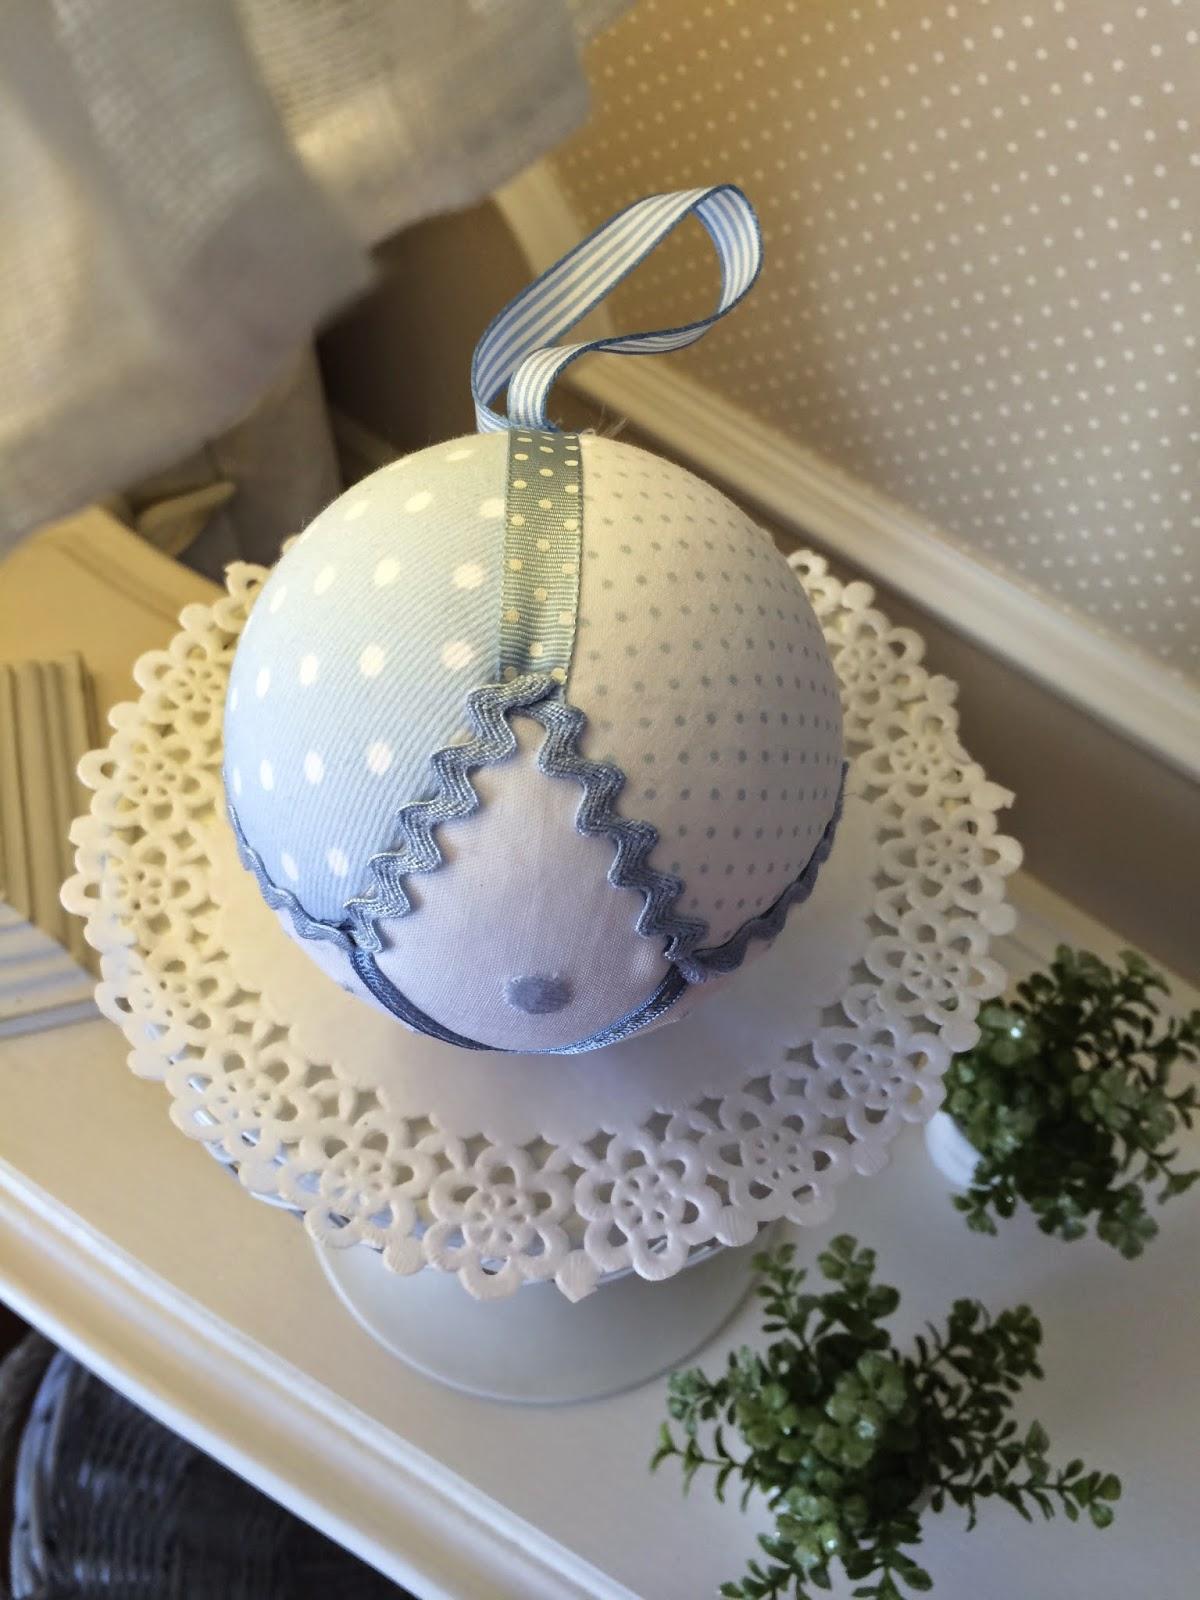 Caperucita roja las bolas de decoraci n - Bolas de decoracion ...